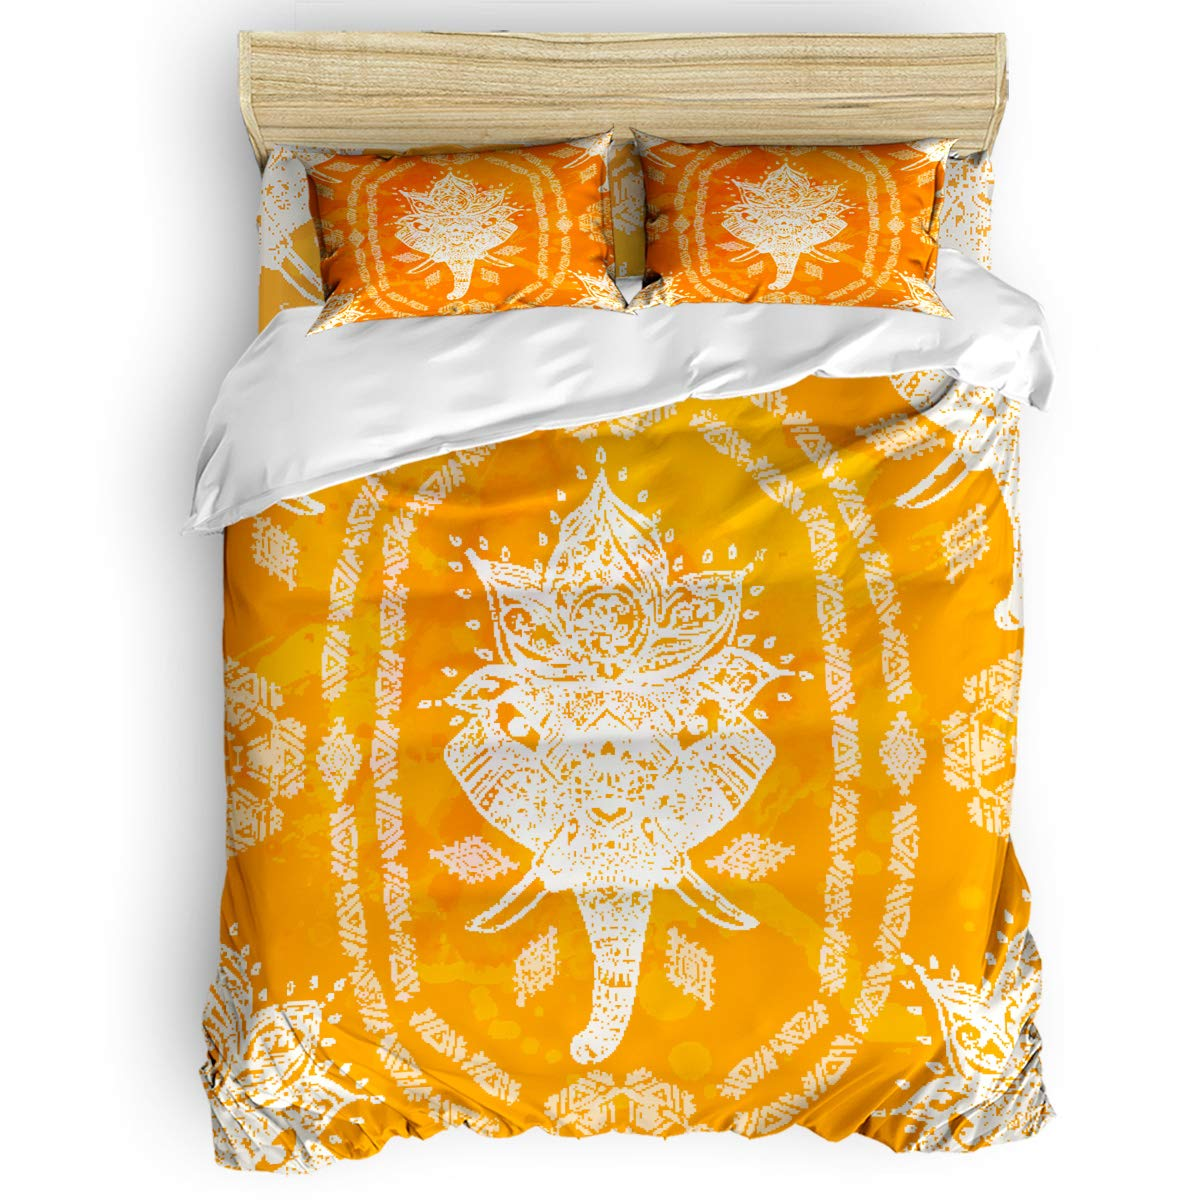 T&H Home 寝具4点セット 抽象的な布団カバーセット フードグラフィティアートダウン 掛け布団カバー フラットシーツ お揃いの枕カバー付き 大人 ティーン 子供用 フルサイズ B07Q29Q7WY Orange Pattern 1thh7446 フルサイズ